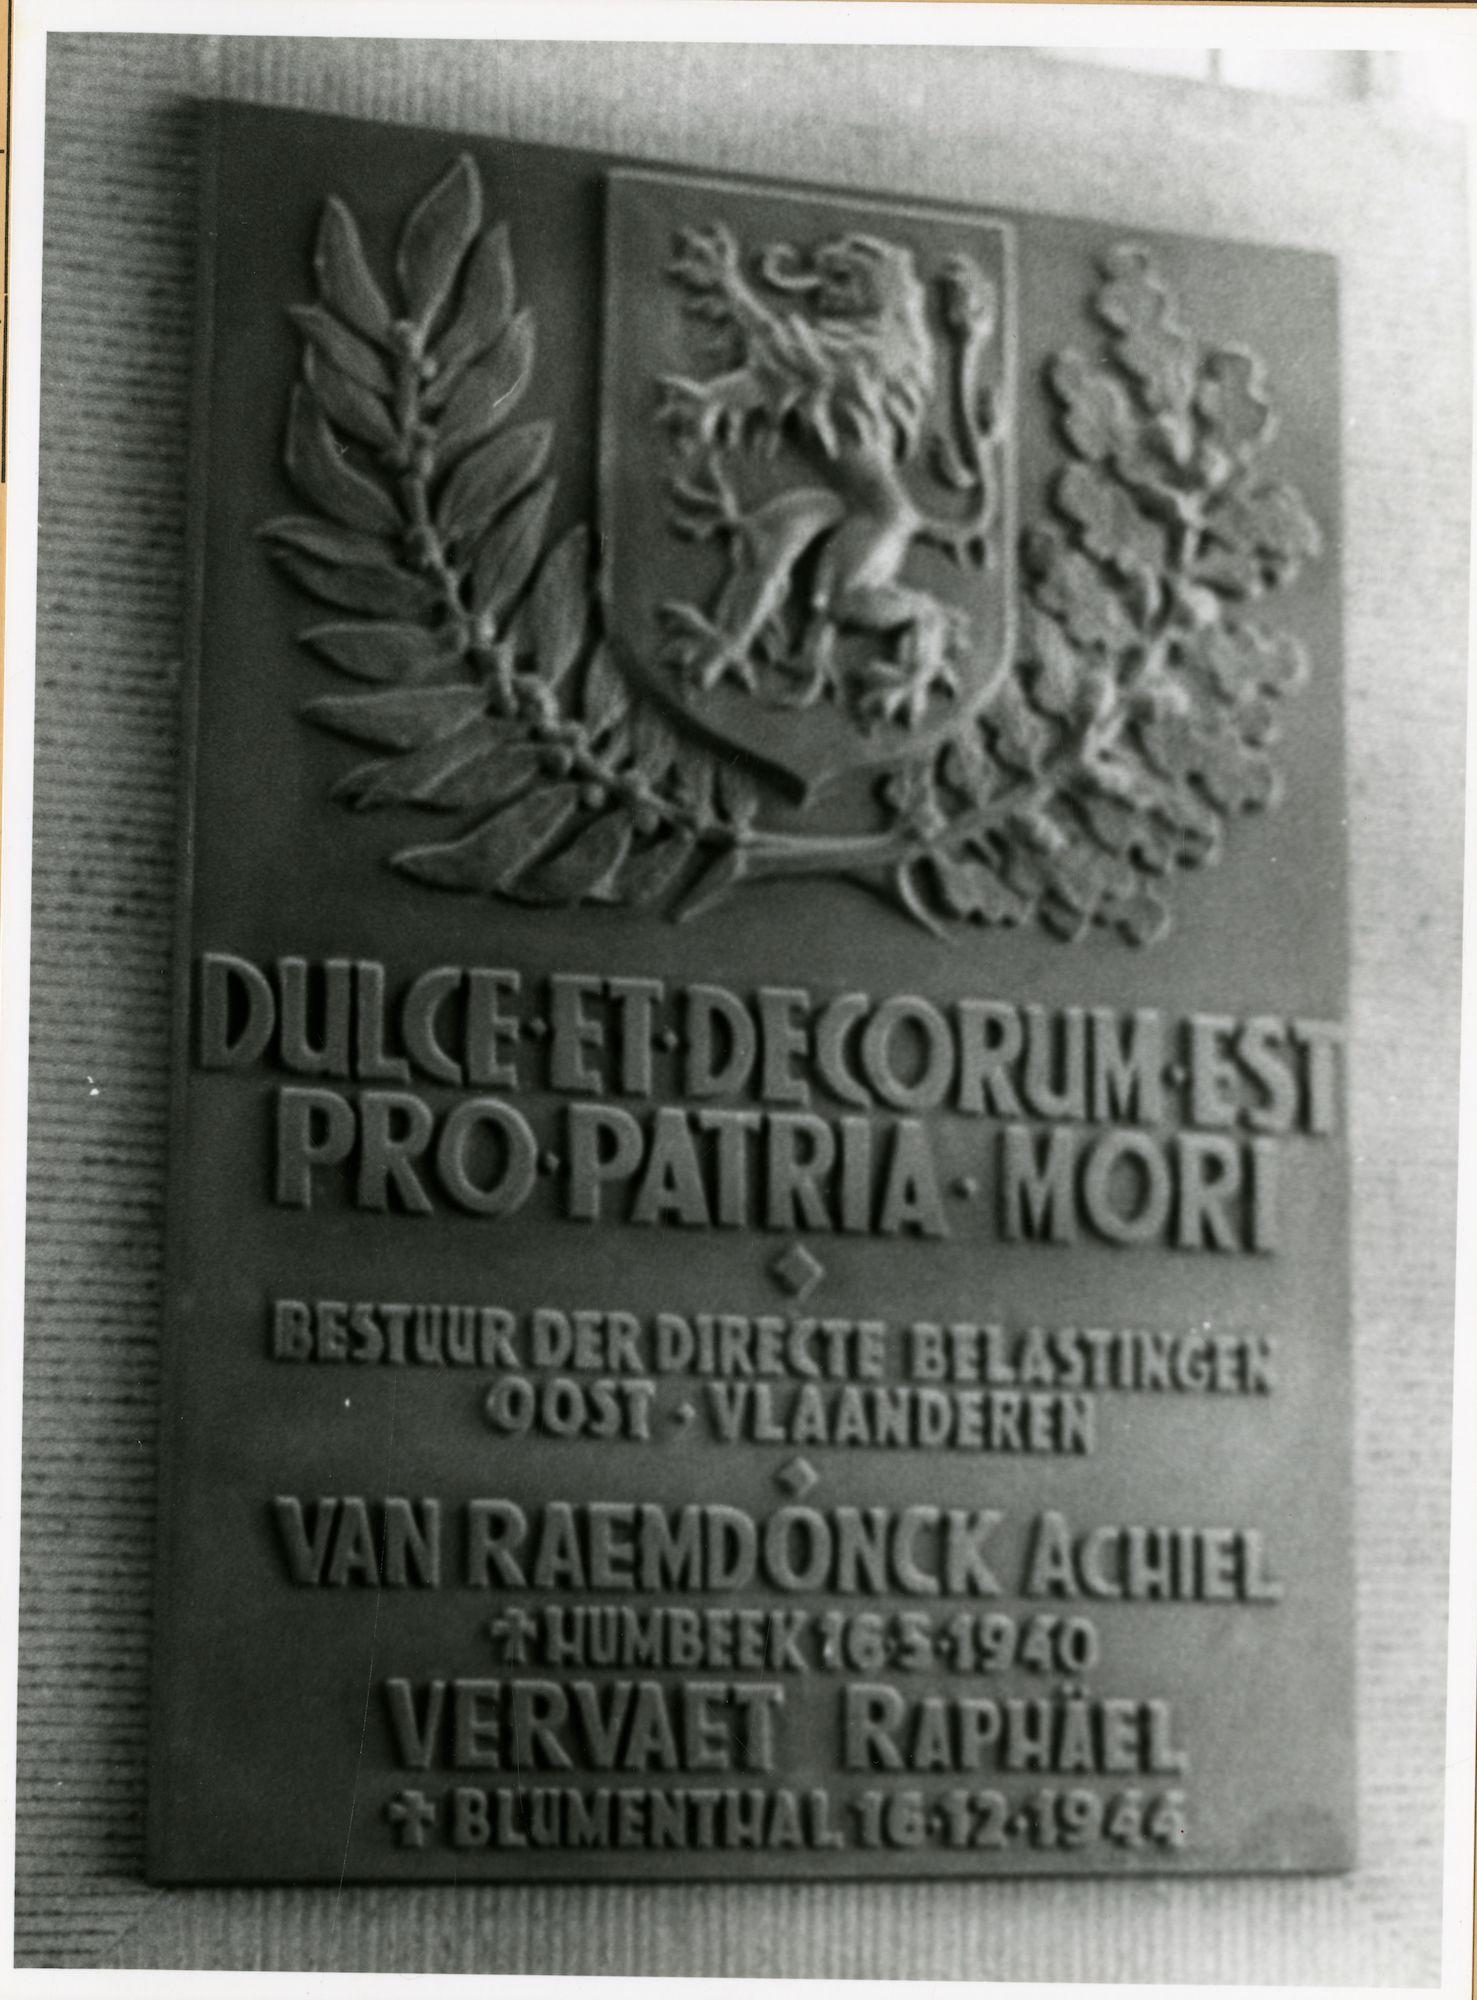 Gent: Jan-Baptist Guinardstraat 1: Gedenkplaat, 1979